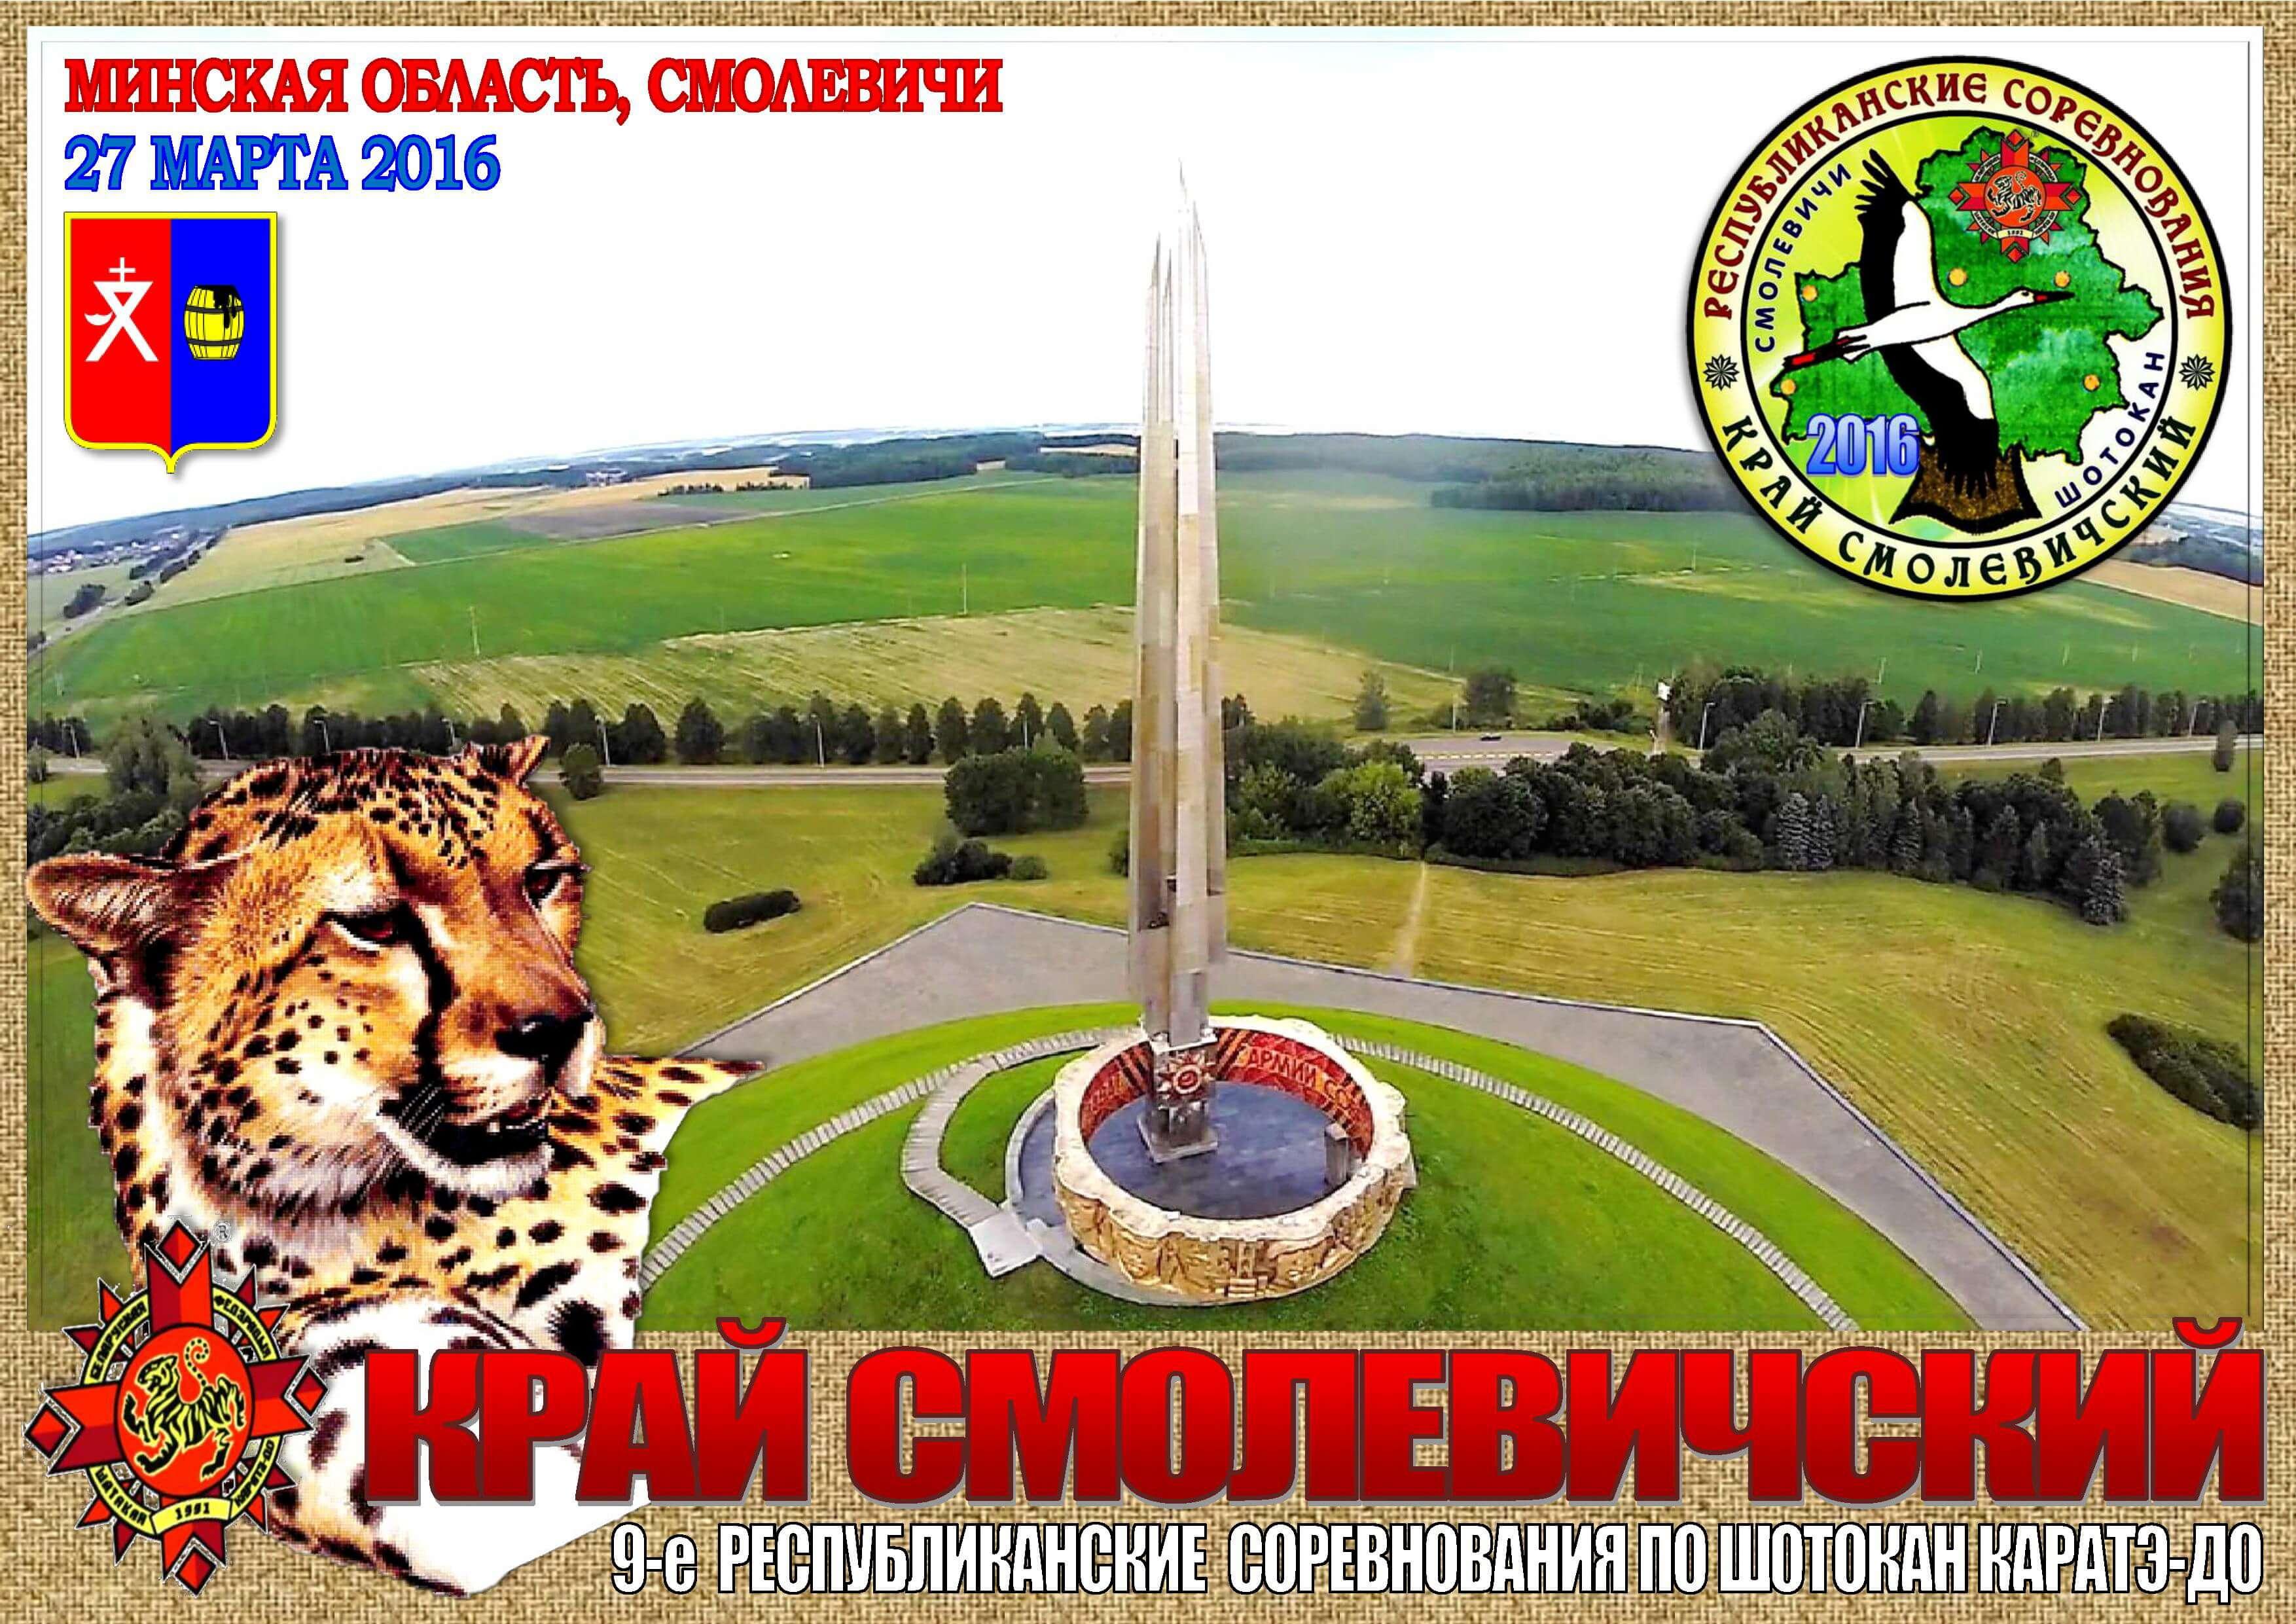 Смолевичи-2016 Постер